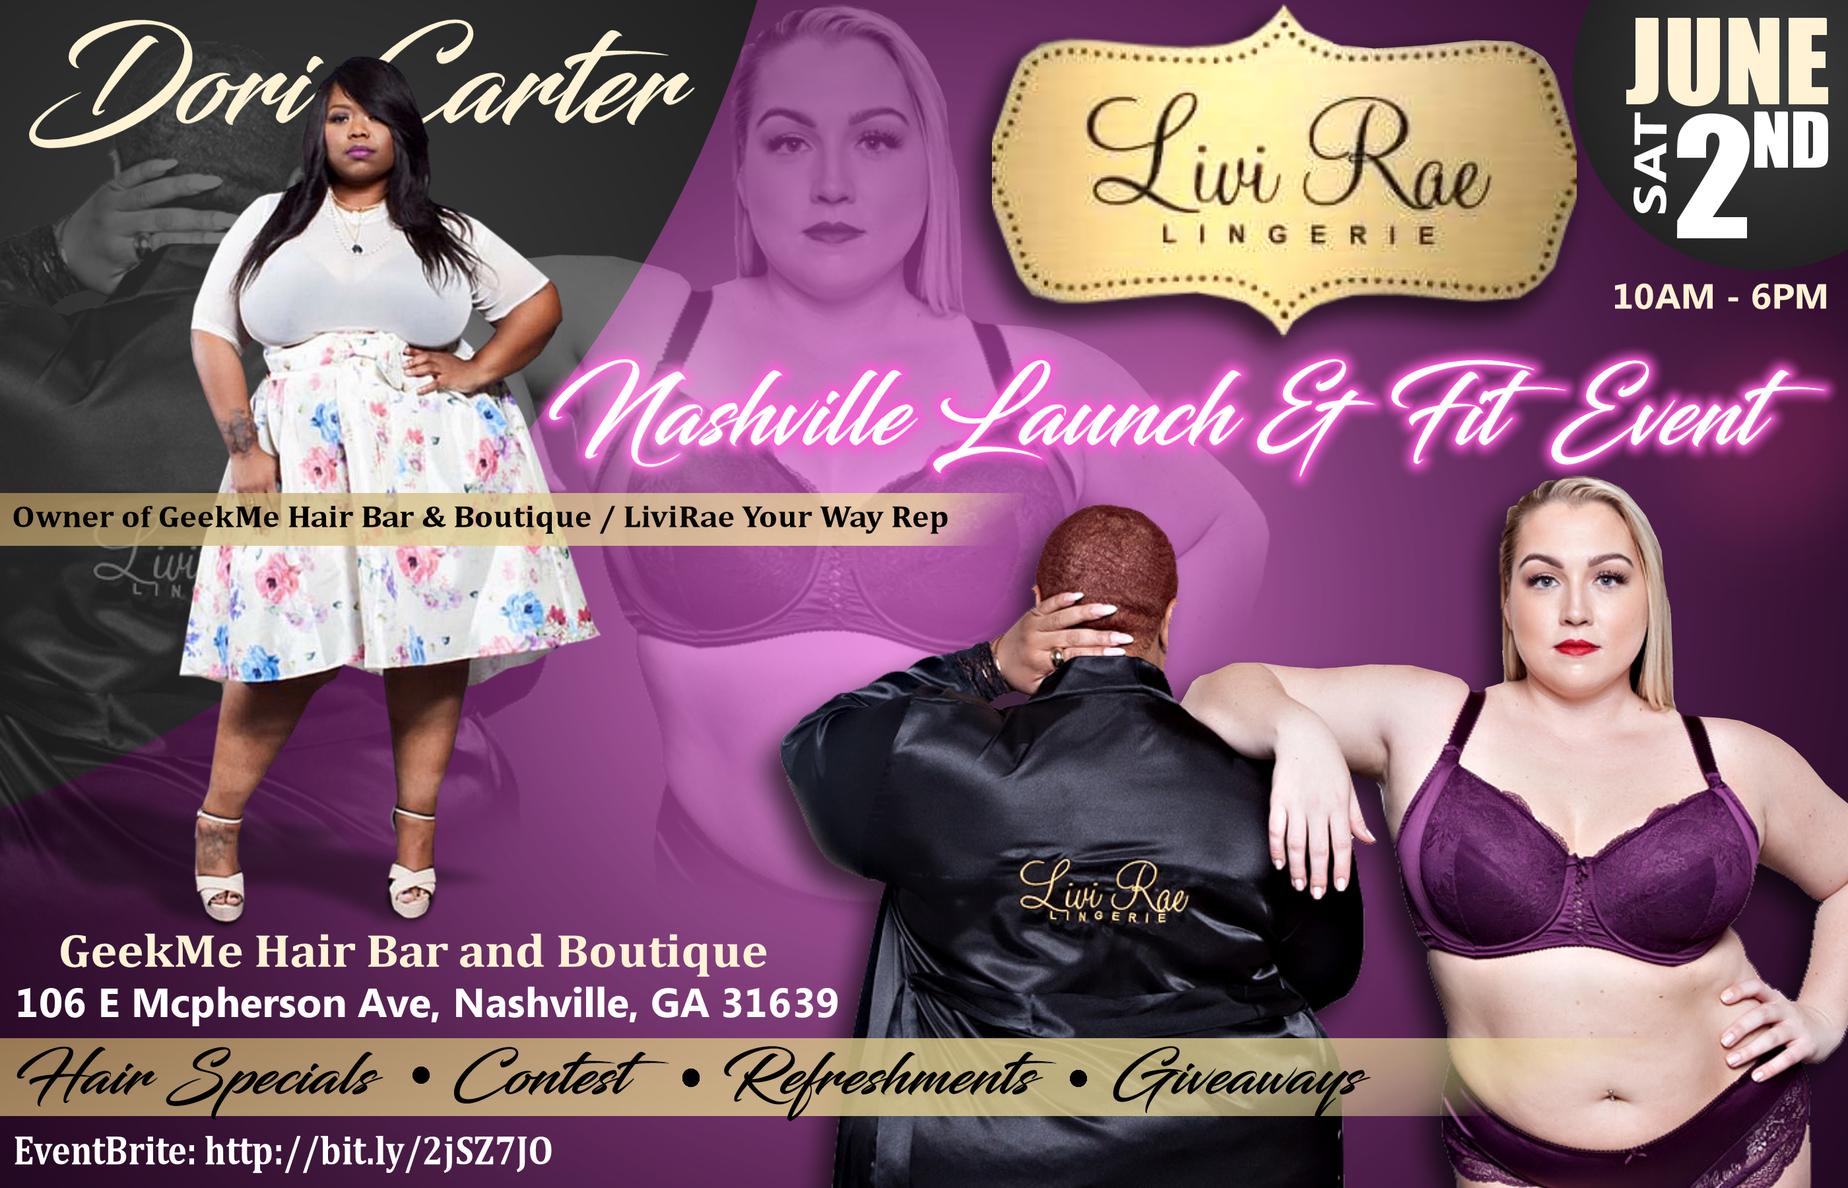 b2325e4474 LiviRae Your Way Nashville Launch Party   Fit Event